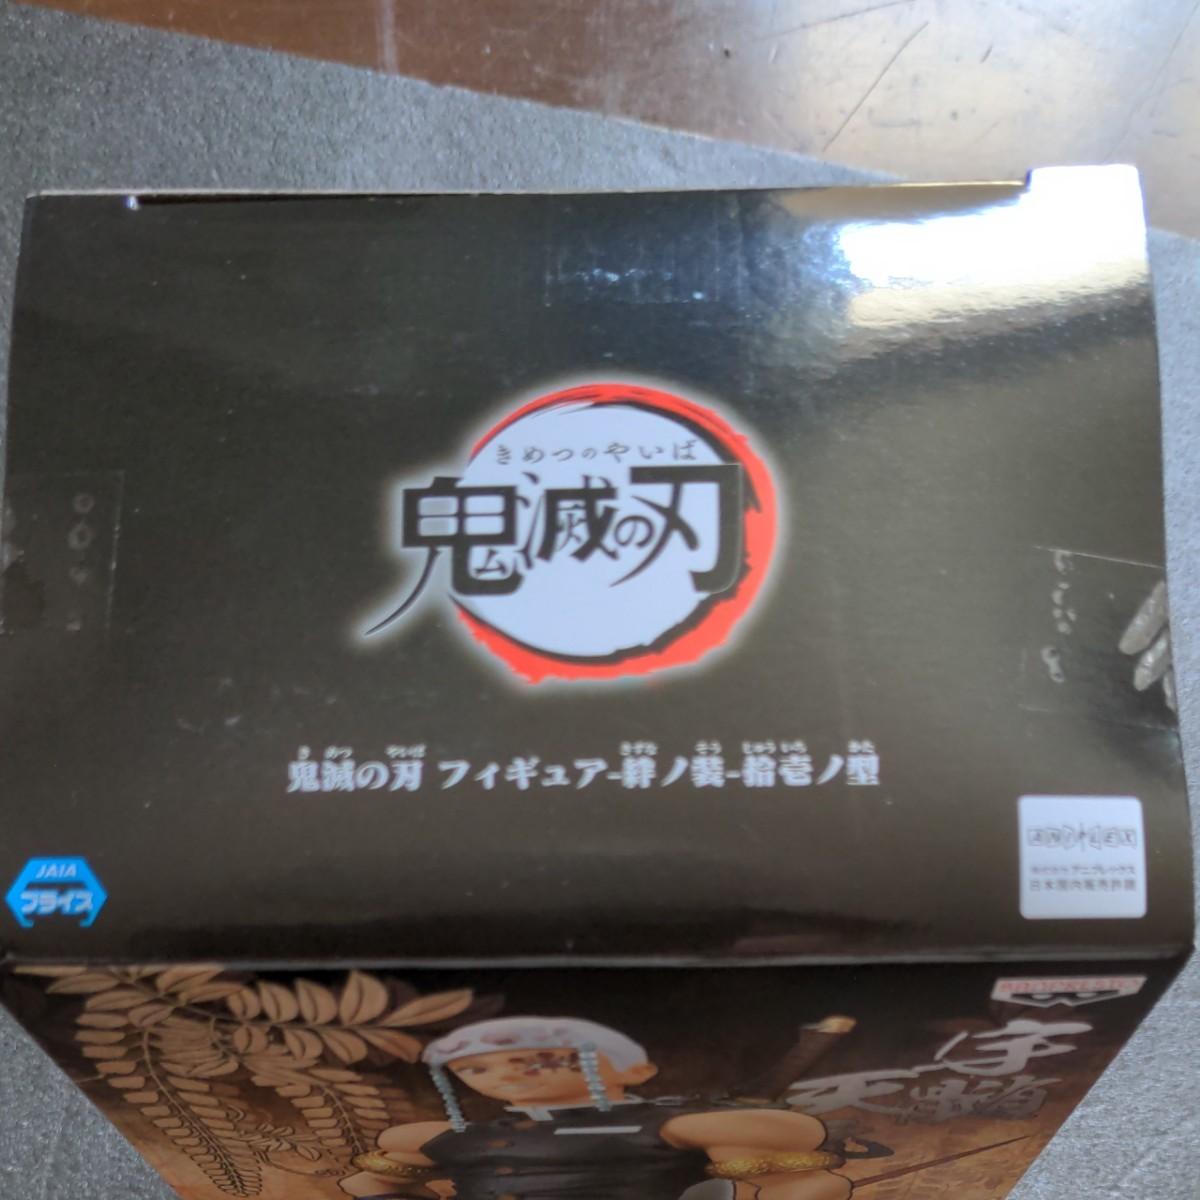 鬼滅の刃フィギュア☆絆の装拾壱ノ型★宇髄天元ノーマルカラー